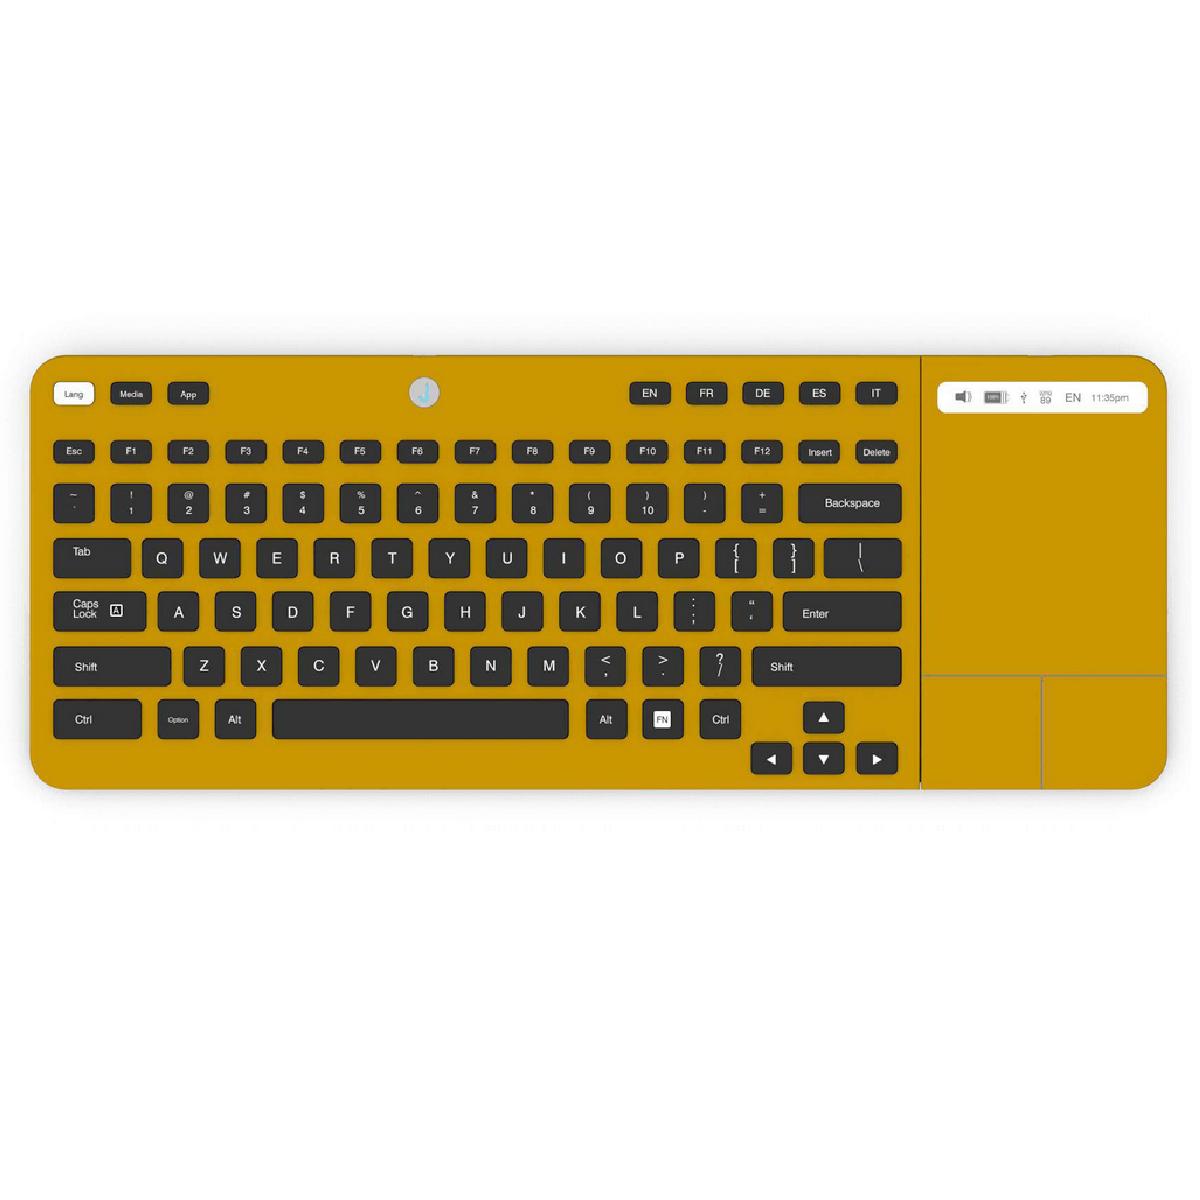 Un clavier qui utilise la technologie E-ink, l'encre électronique.